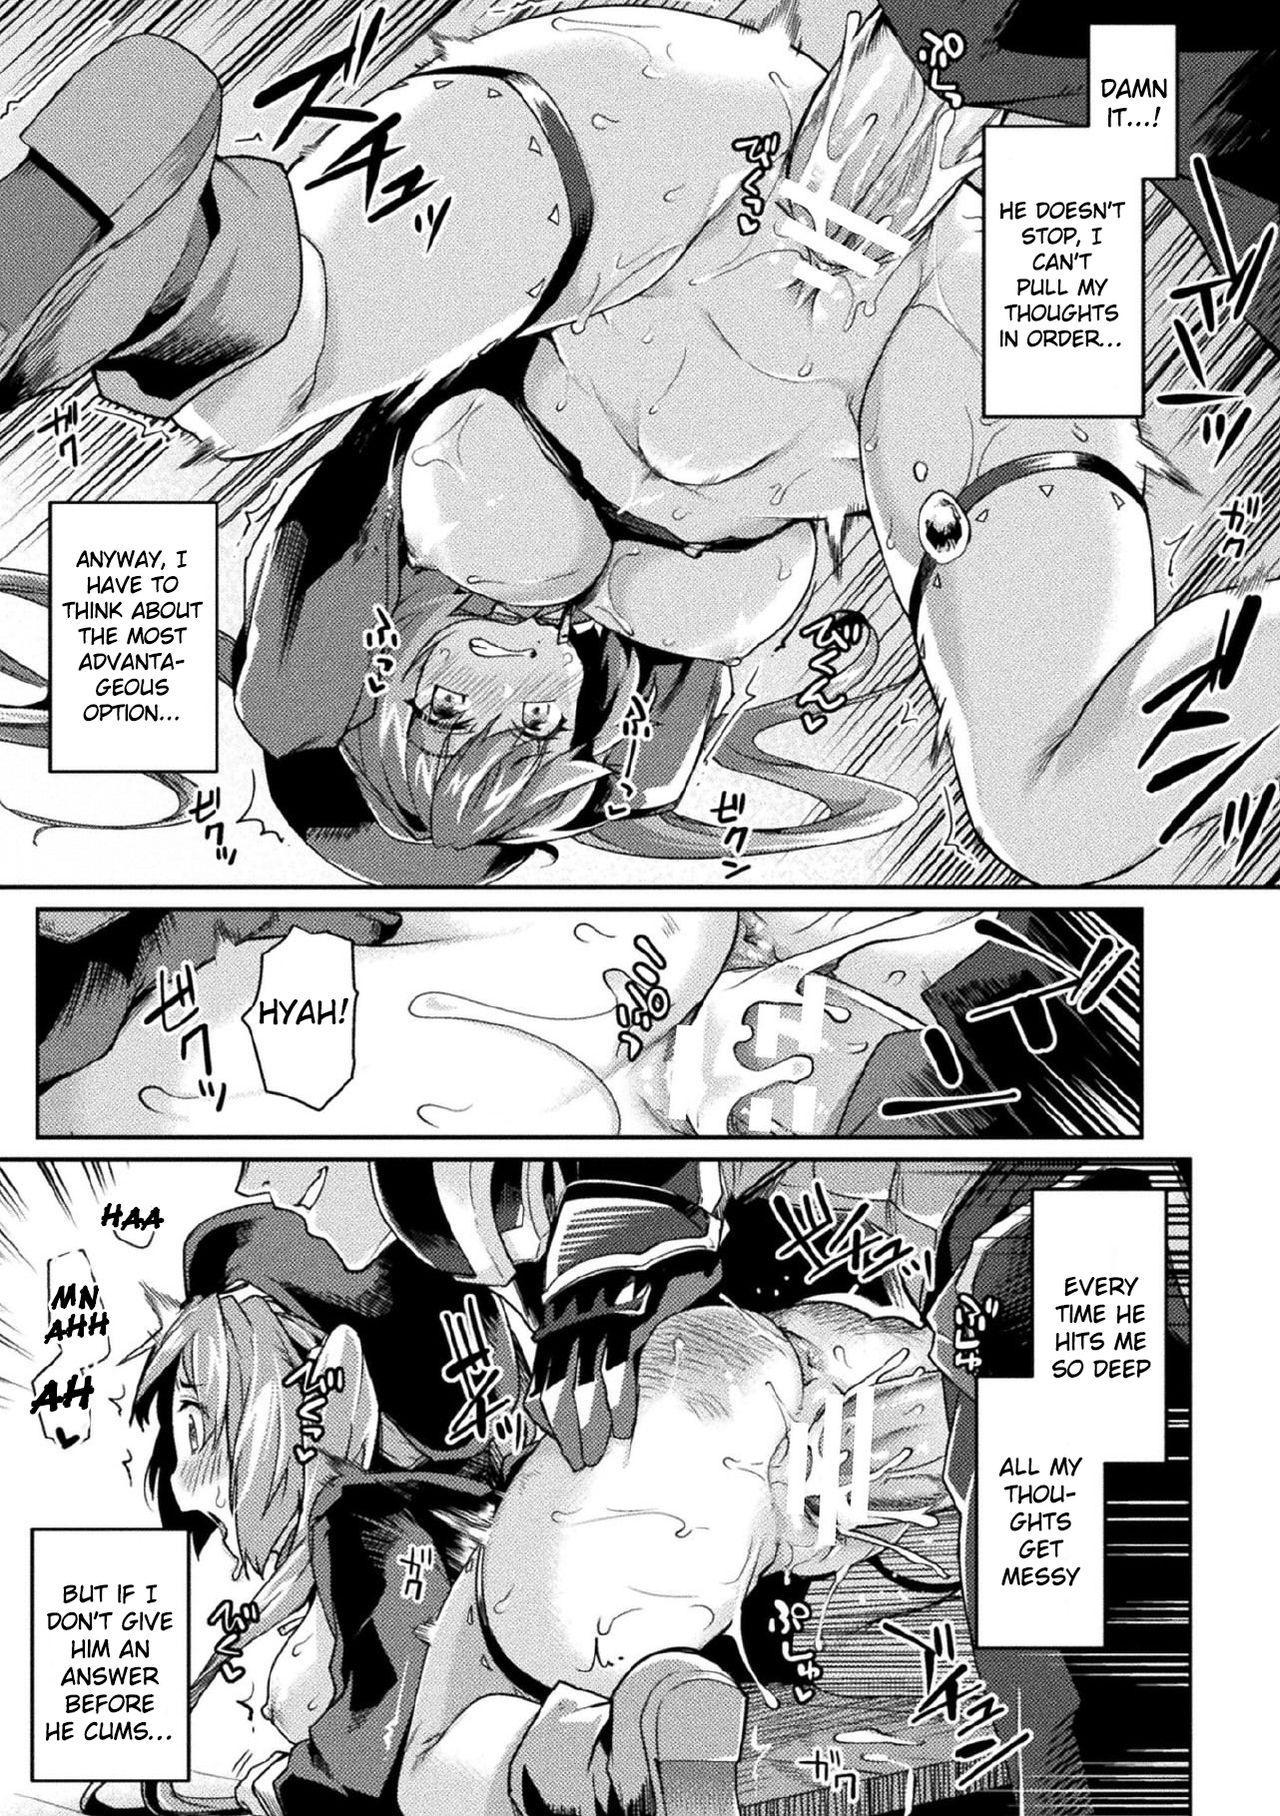 [Tsukitokage] Kuroinu II ~Inyoku ni Somaru Haitoku no Miyako, Futatabi~ THE COMIC Ch. 4 (Kukkoro Heroines Vol. 3) [English] [Raknnkarscans] [Digital] 16